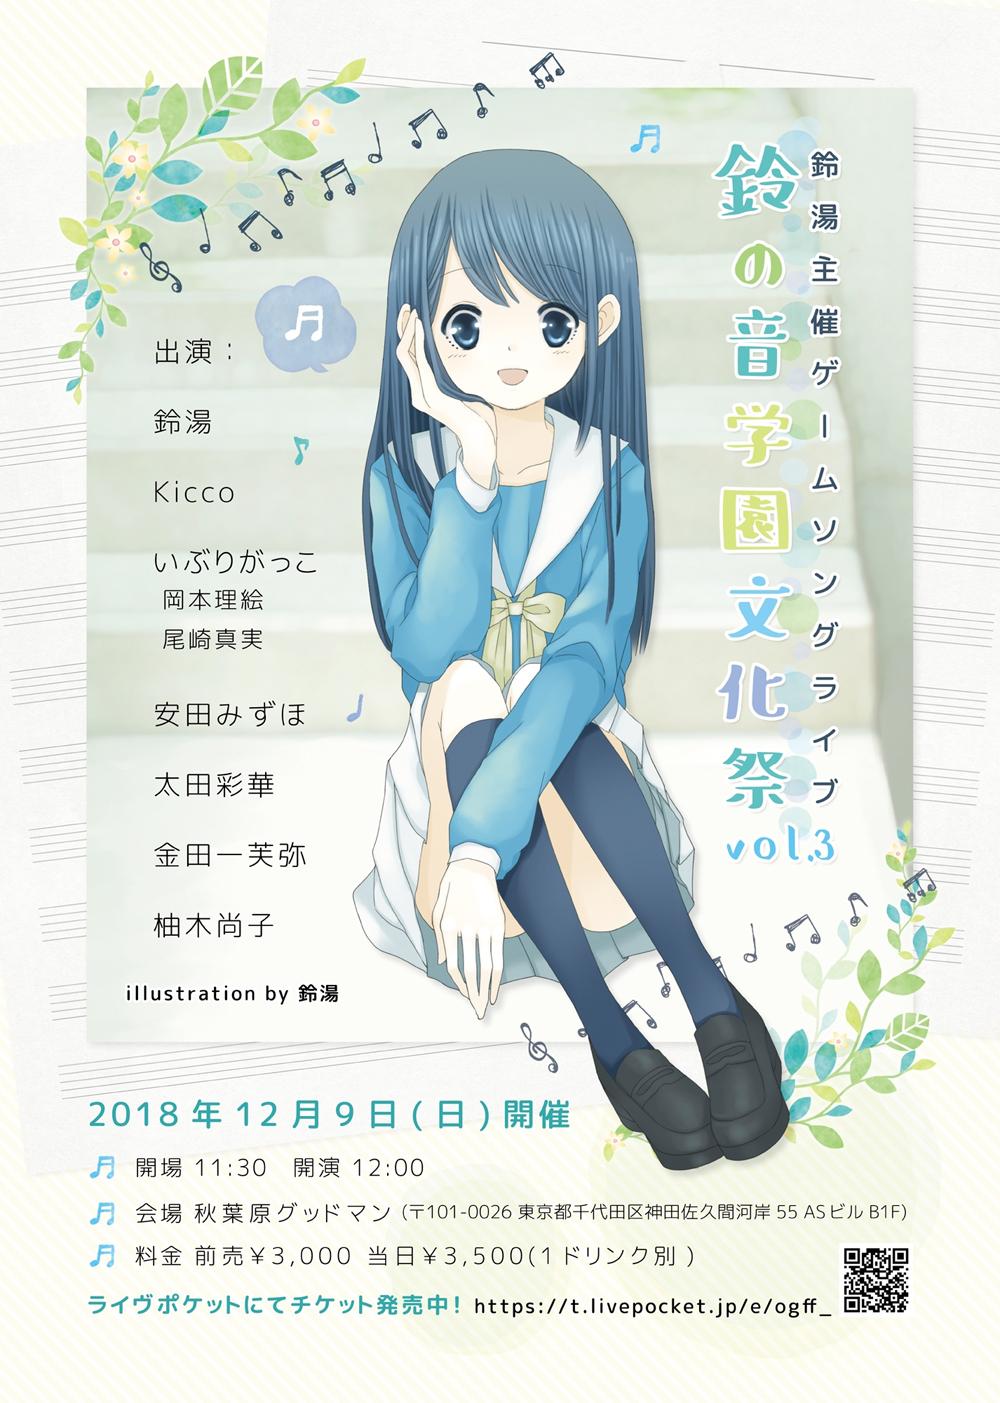 鈴湯主催&企画ゲーソンライブ 「鈴の音学園文化祭vol.3」